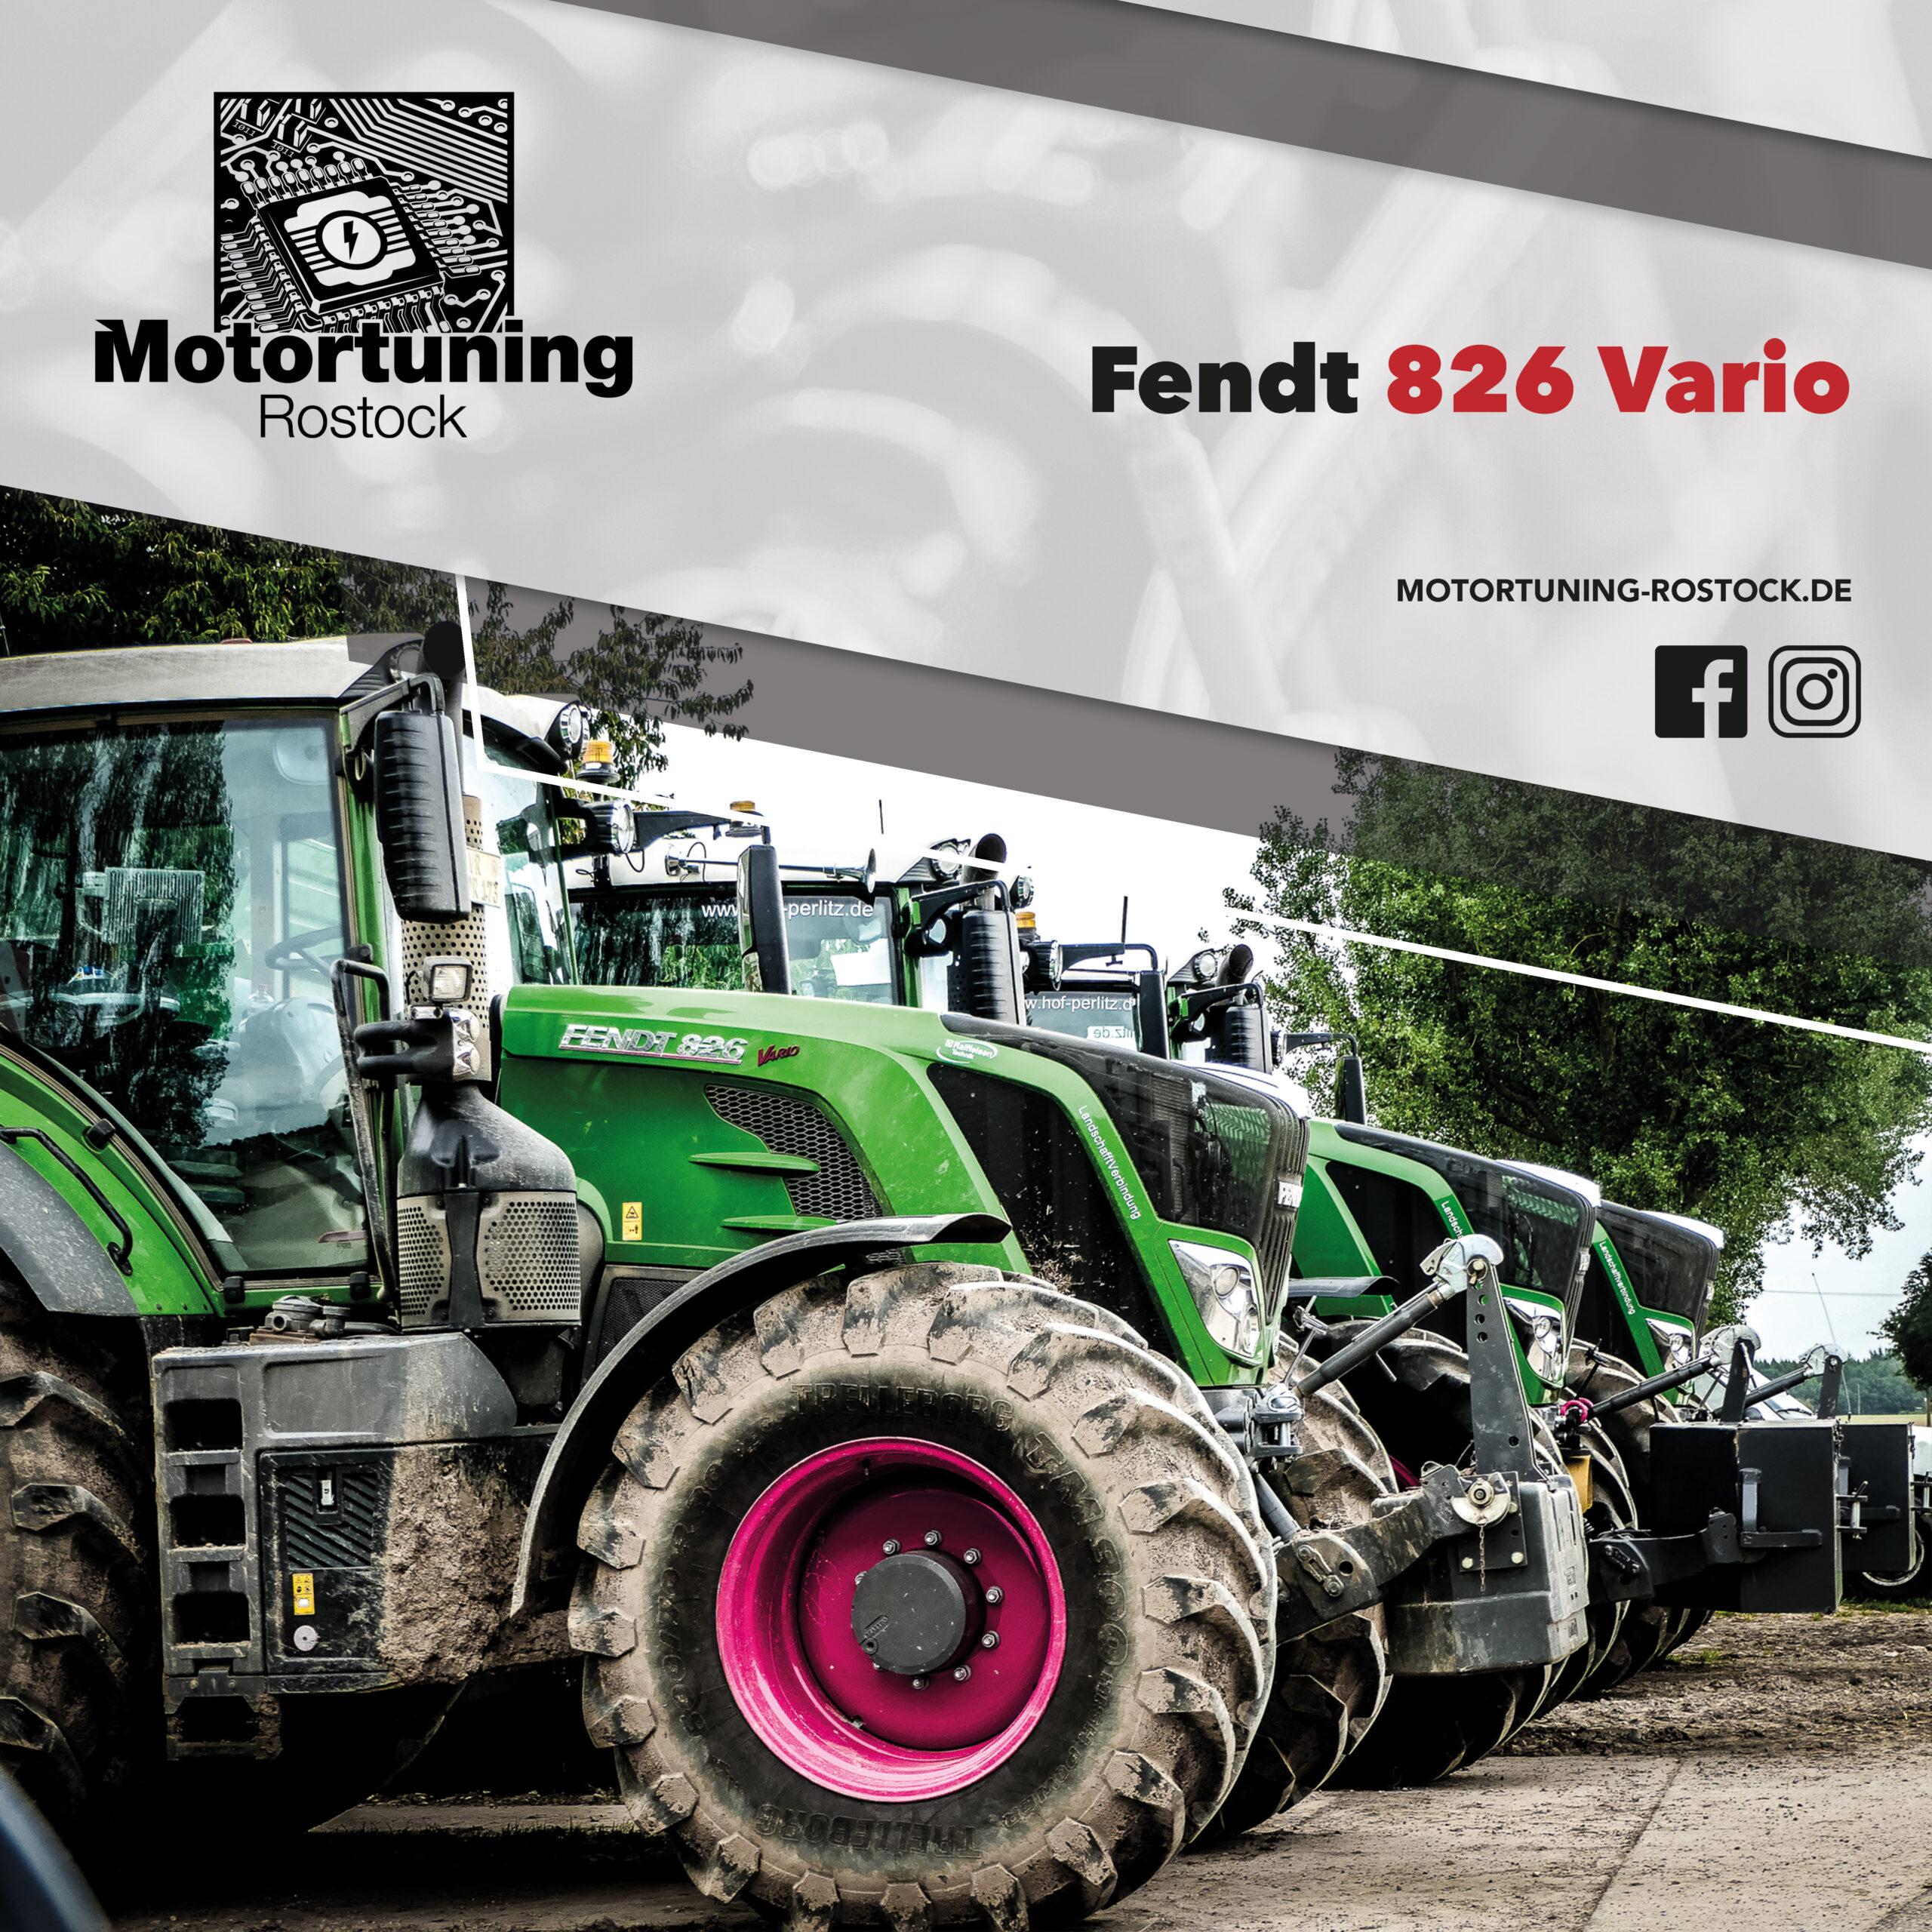 Chiptuning-Motortuning Rostock, Kennfeldoptimierung, Leistungssteigerung, Fendt Vario 826, Ansicht schräg vorn, grün, Originalleistung: PS,optimierte Leistung: